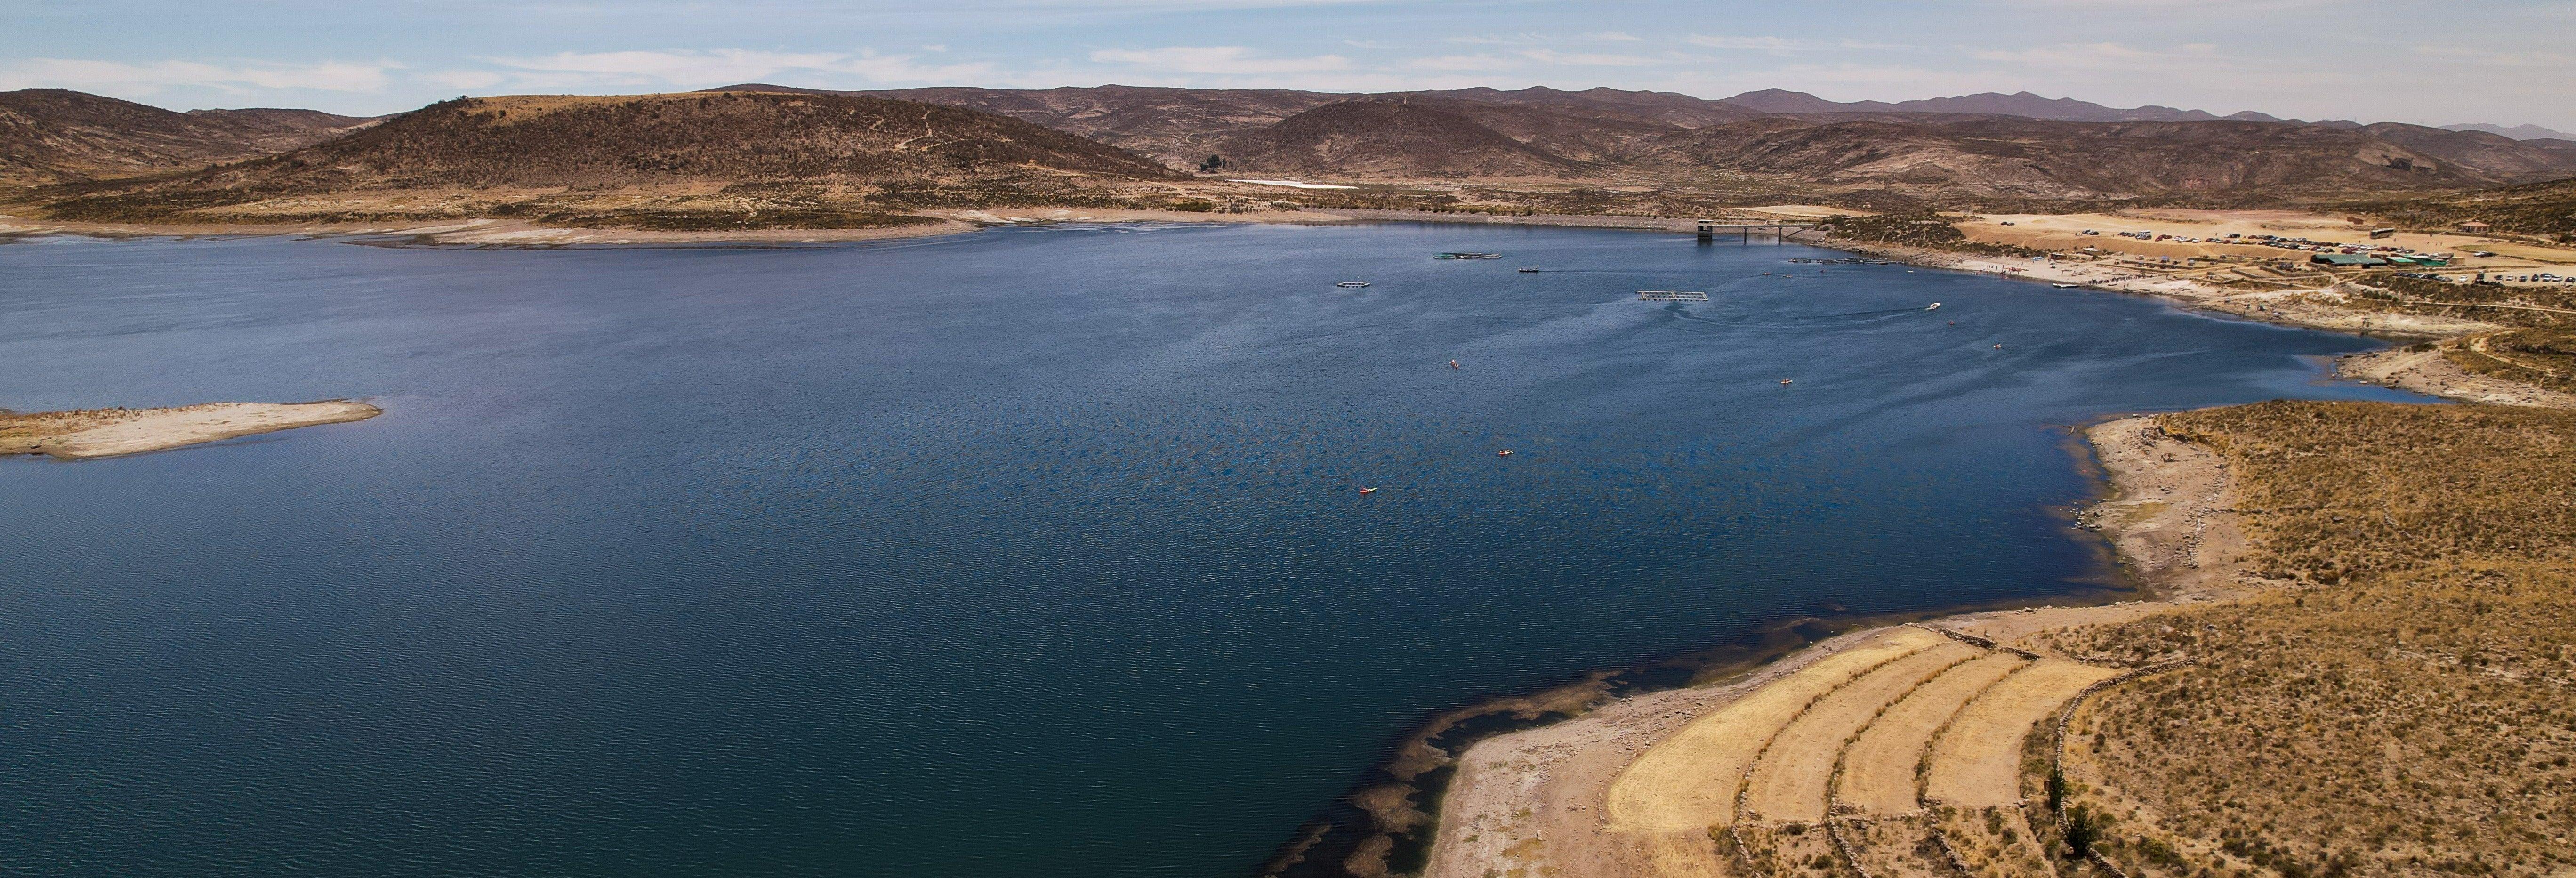 Excursion au Sanctuaire de Chapi et lagune d'Uzuña